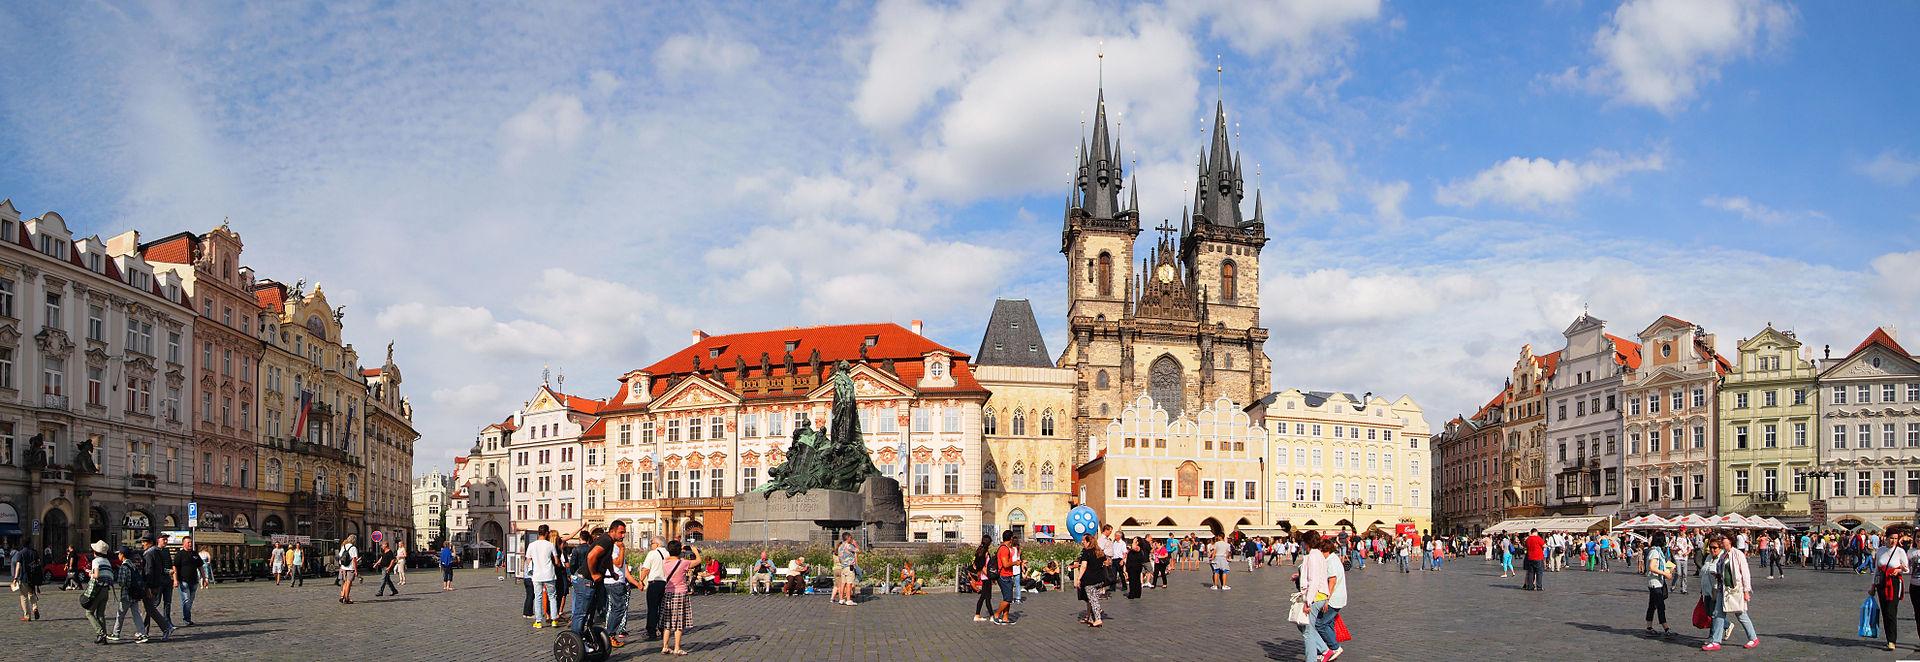 Fotos 360 Plaza de la Ciudad Vieja. #VidePan por #Praga